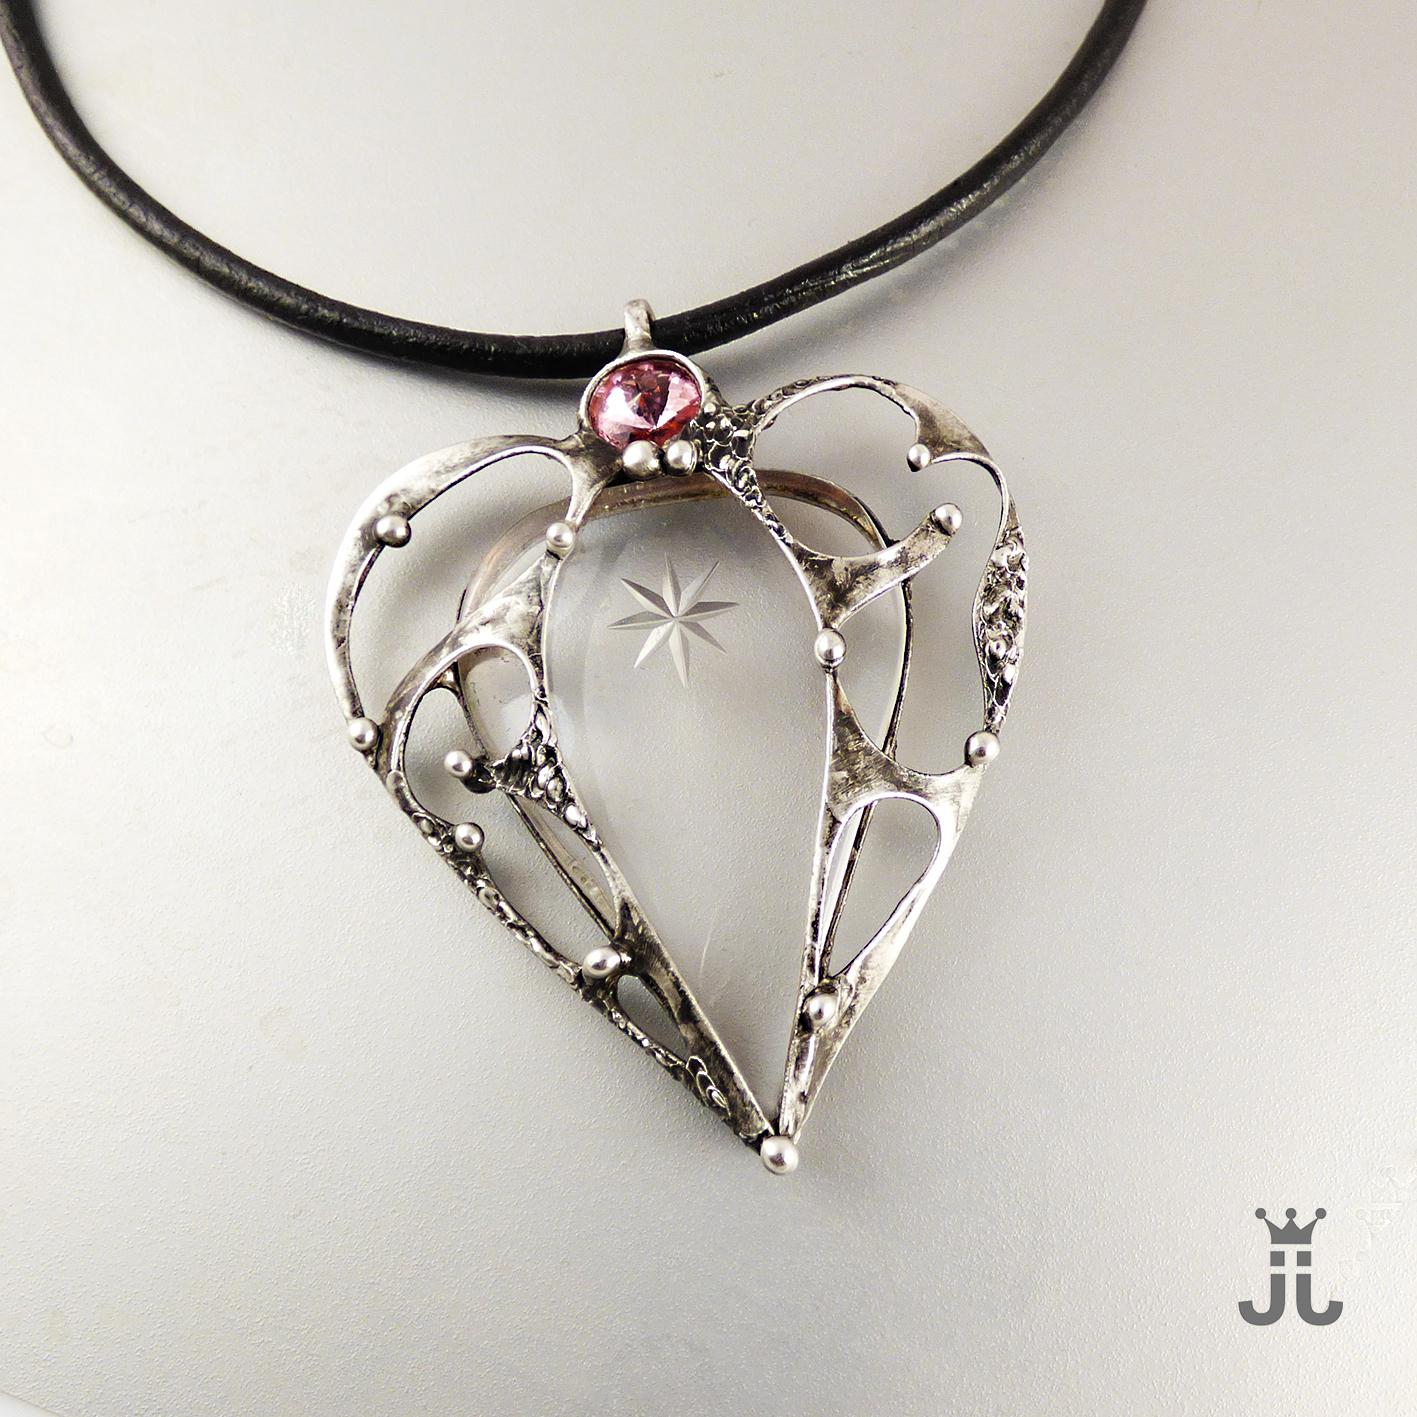 1d23e53b9 Romantické srdce / Zboží prodejce šperk Jitka | Fler.cz